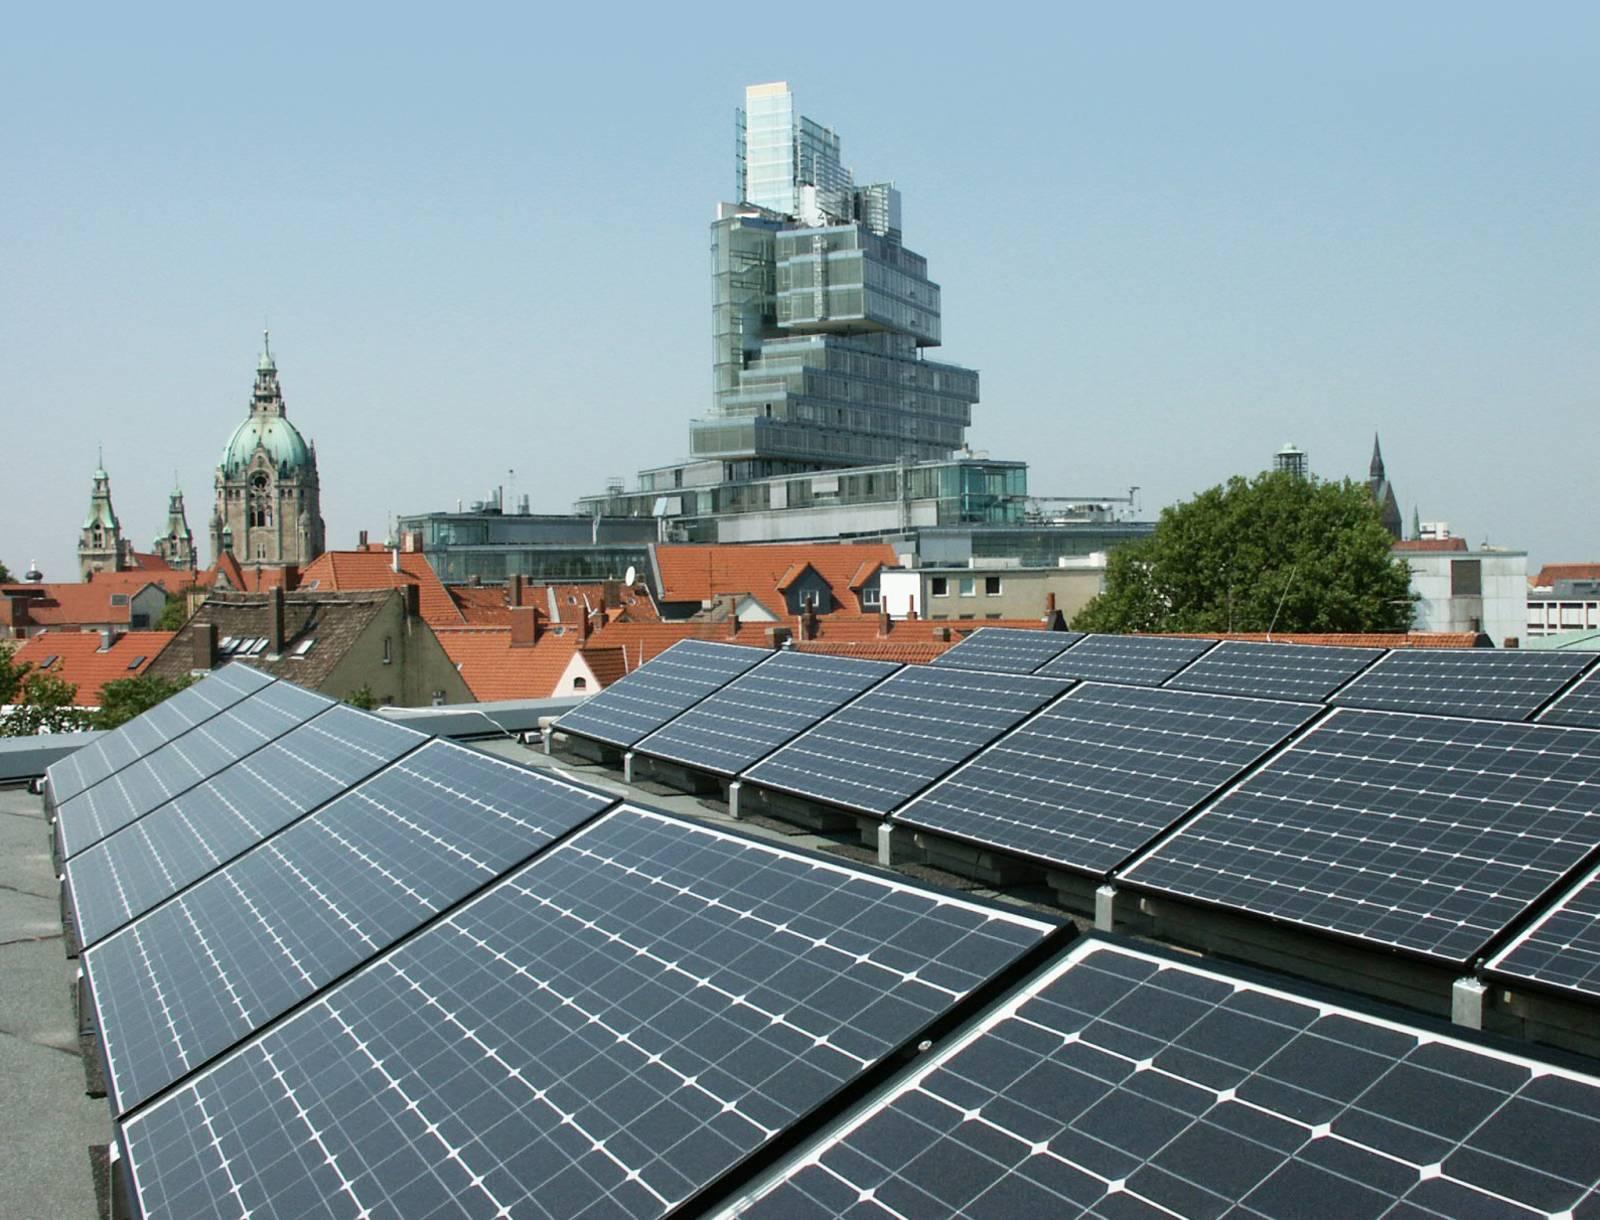 Ausblick über eine Solarstromanlage auf Neues Rathaus und Nord LB